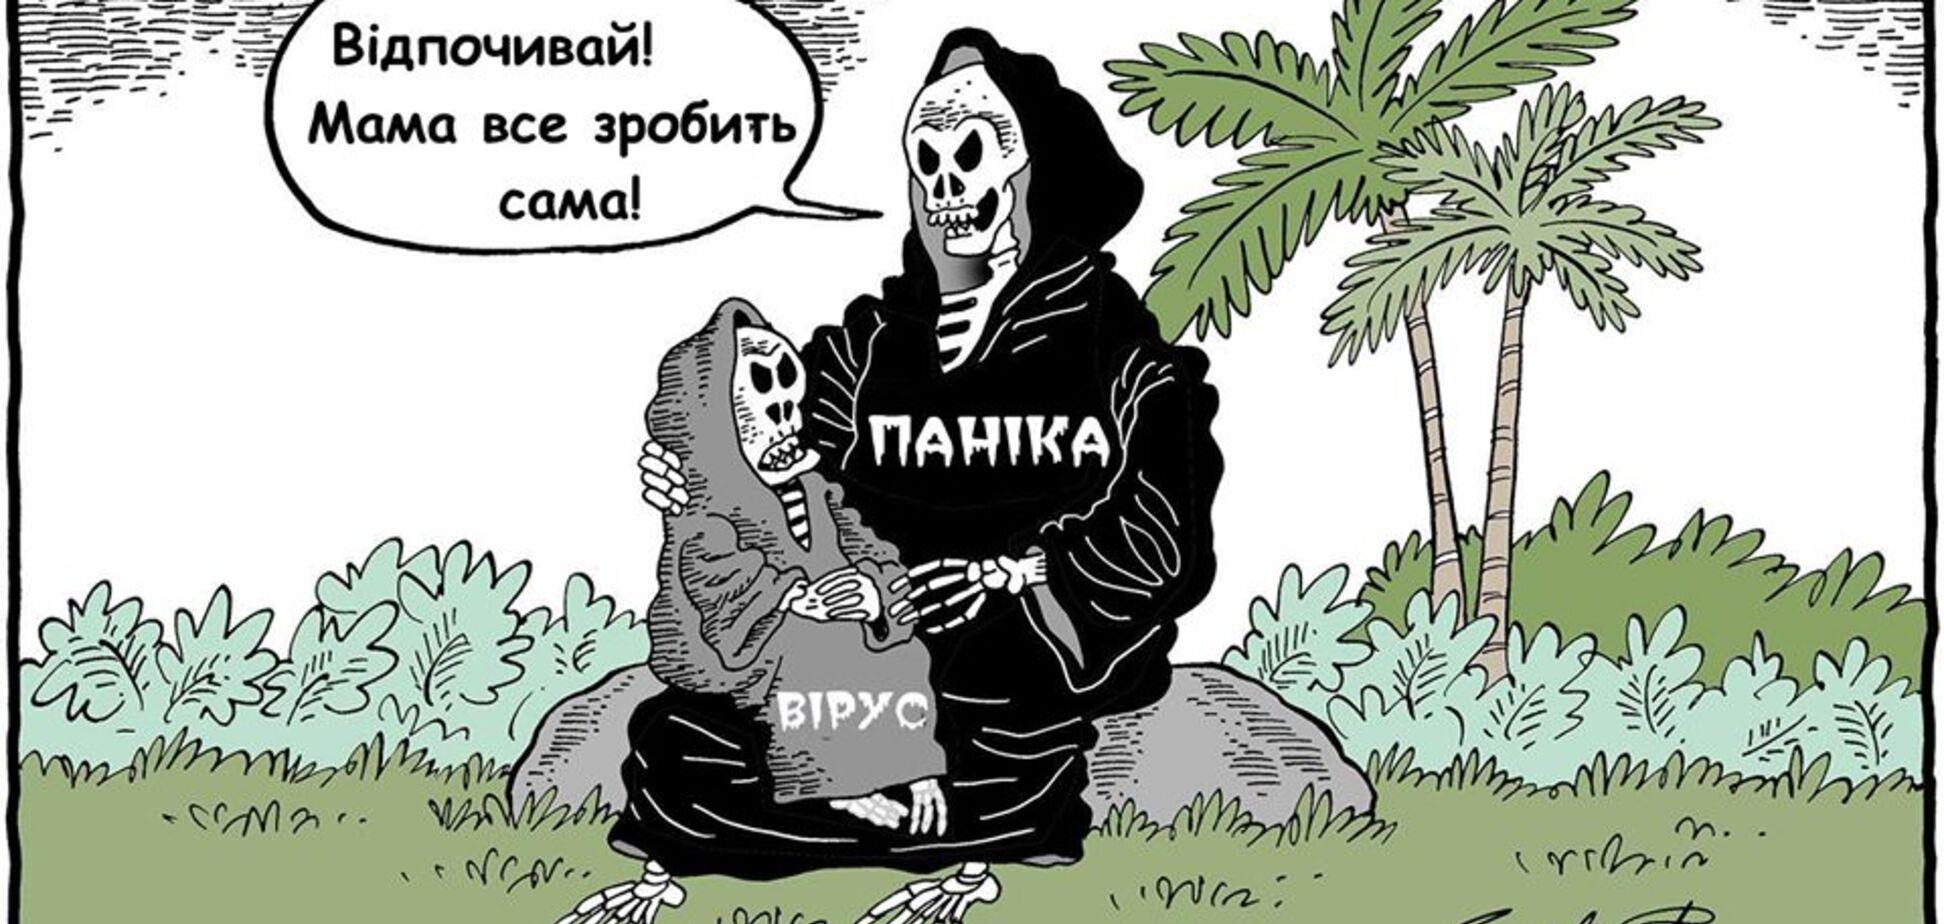 Карантин в Україні: не бійтесь, є зараза гірше